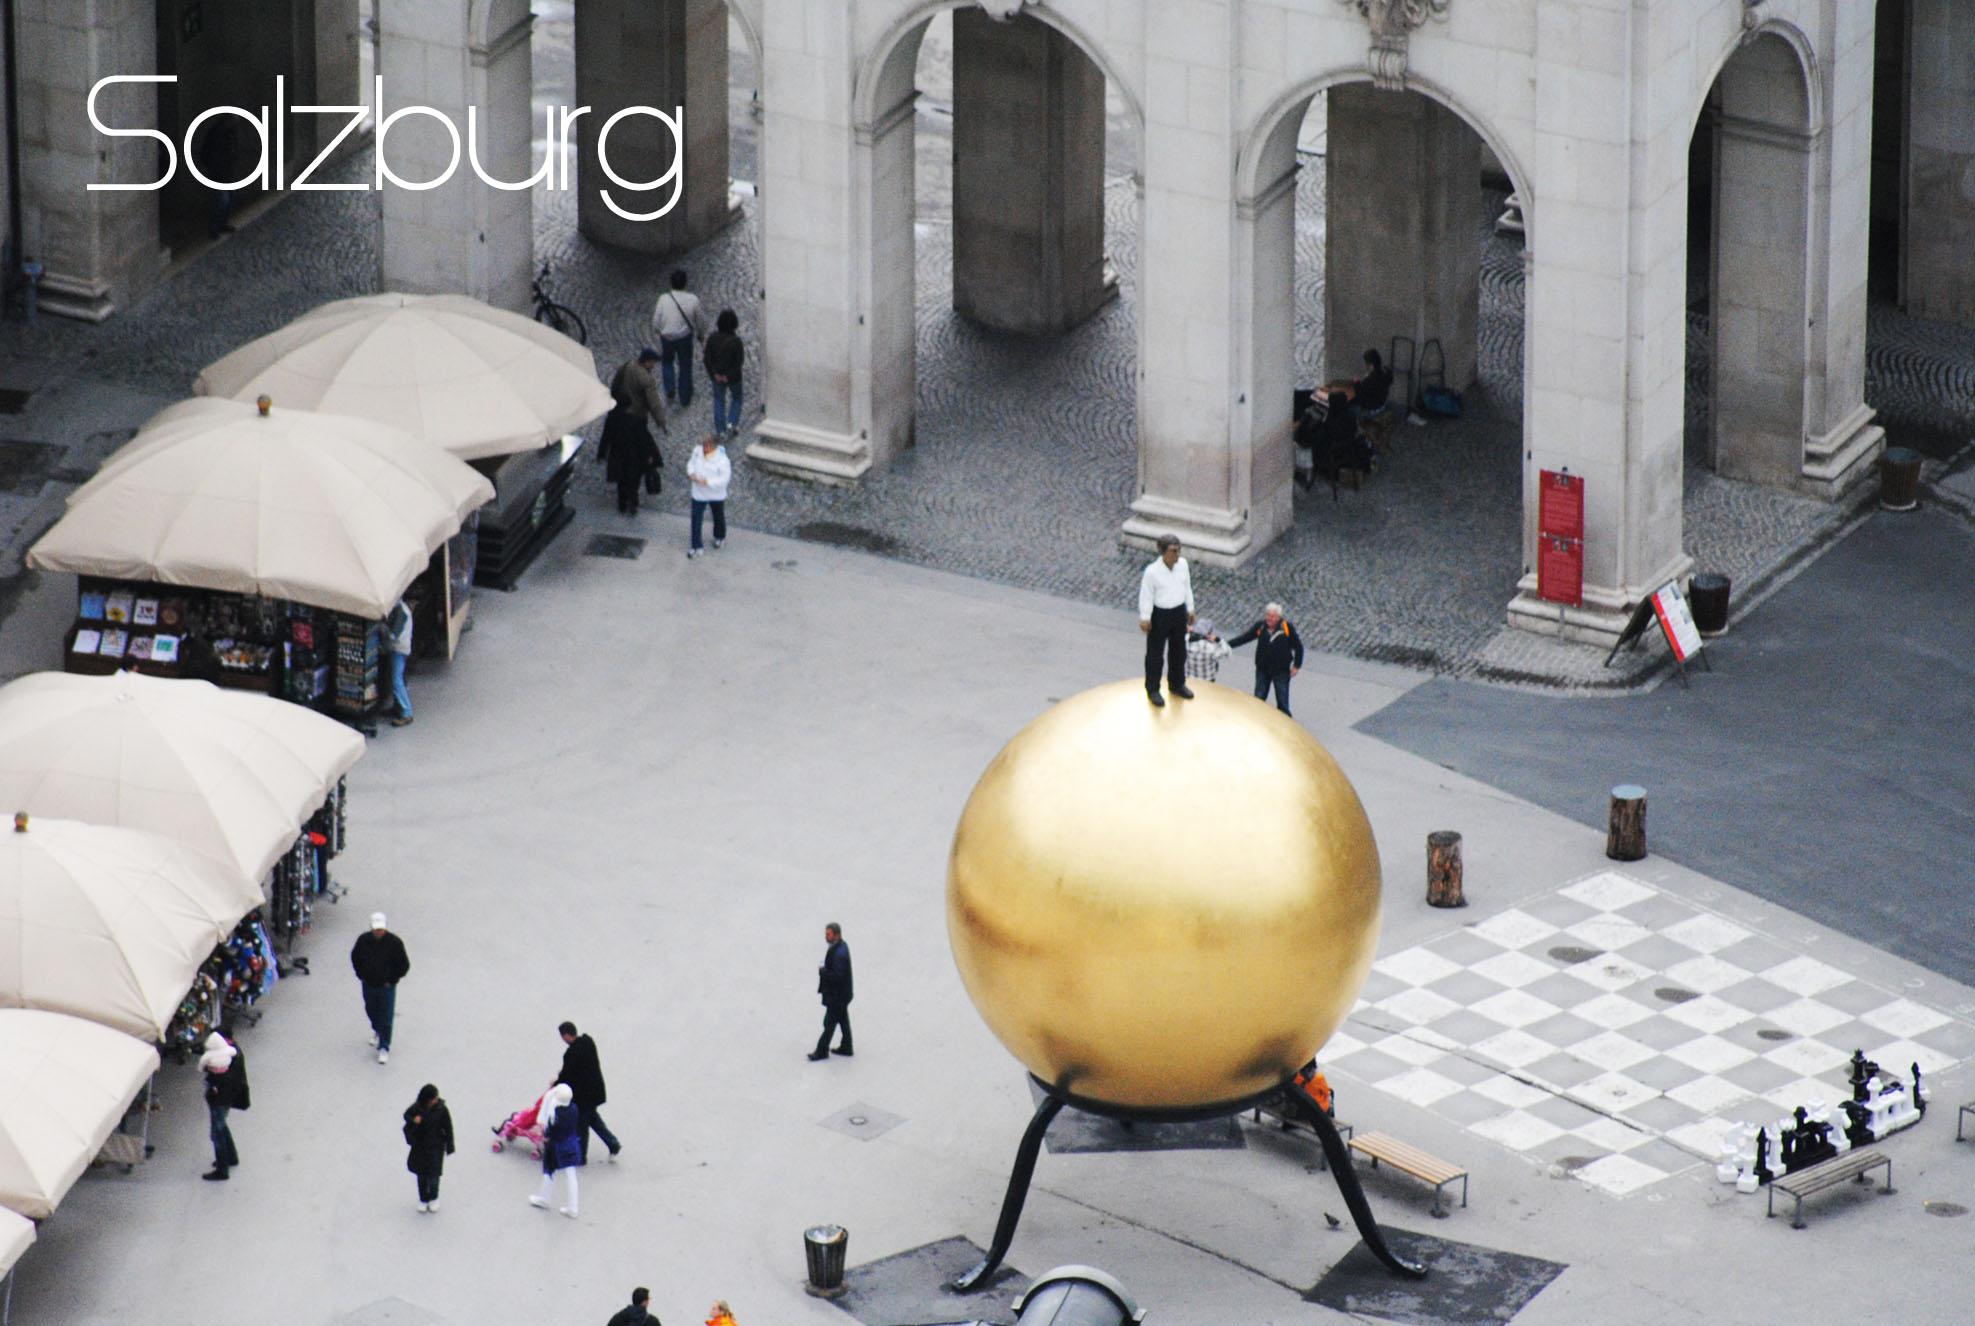 SalzburgGoldGlobeAboveSteinerLite